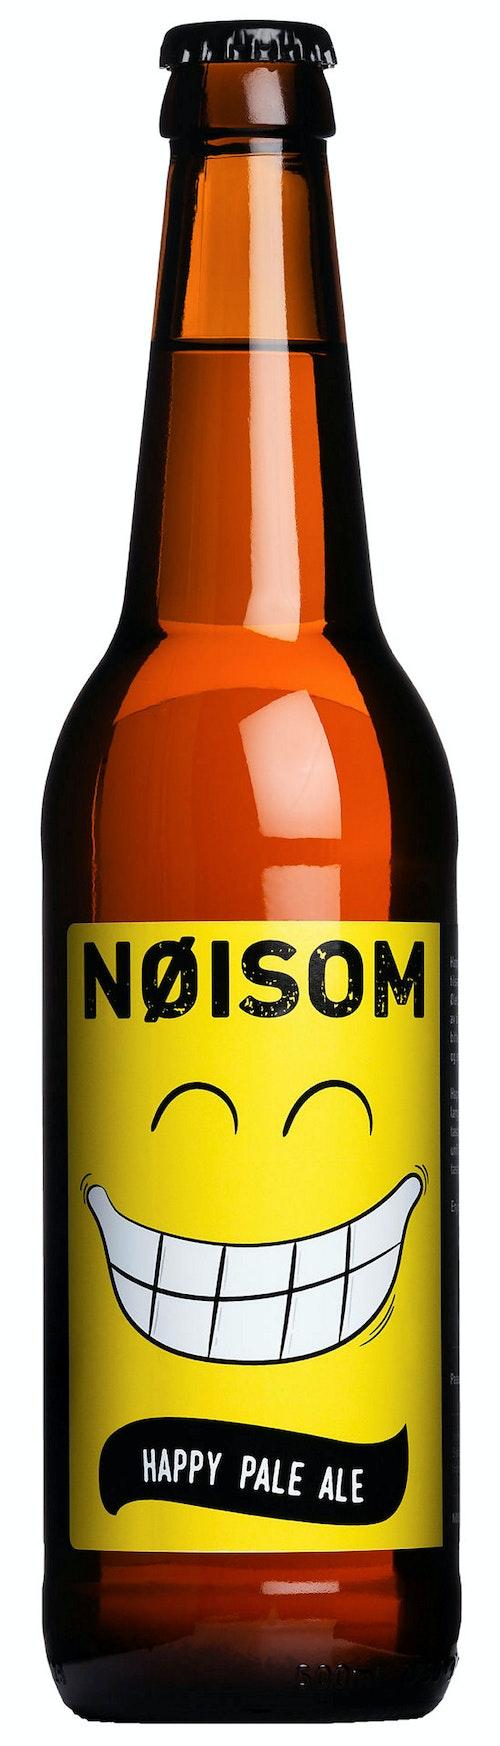 Nøisom Happy Pale Ale 0,5 l